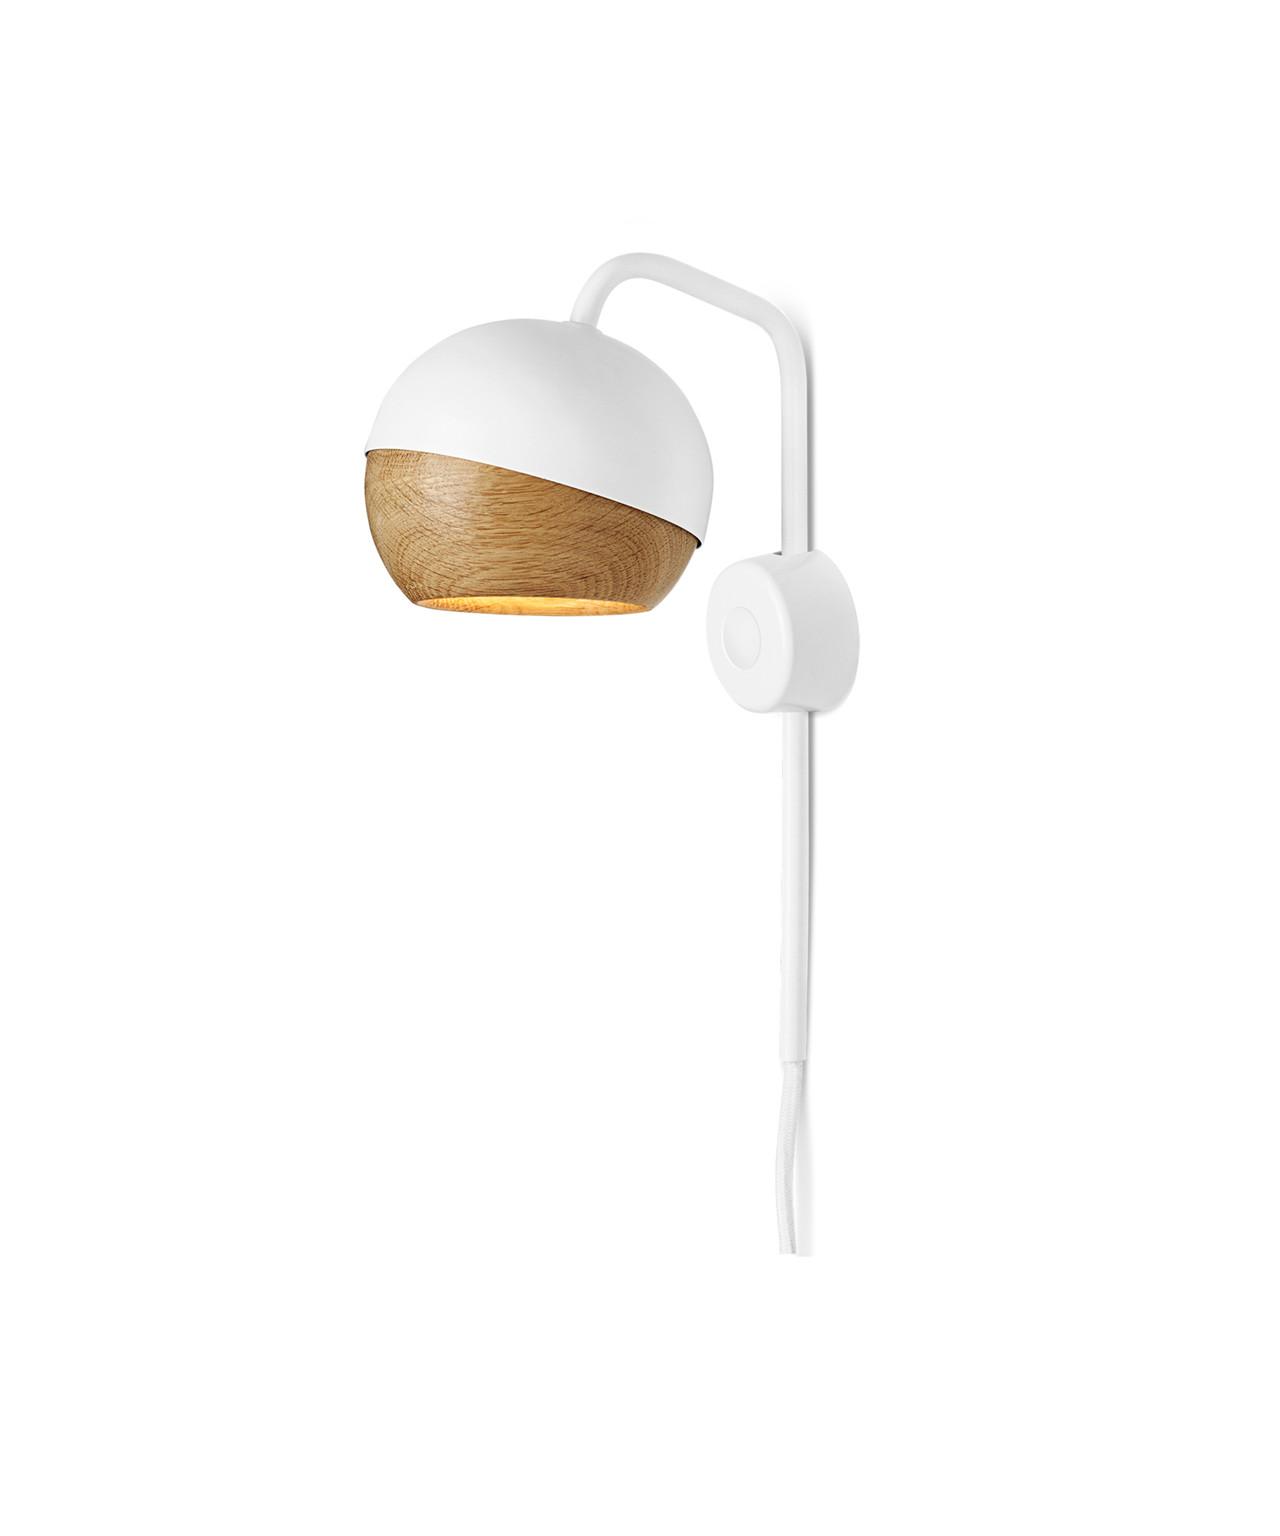 Ray Væglampe Hvid - Mater